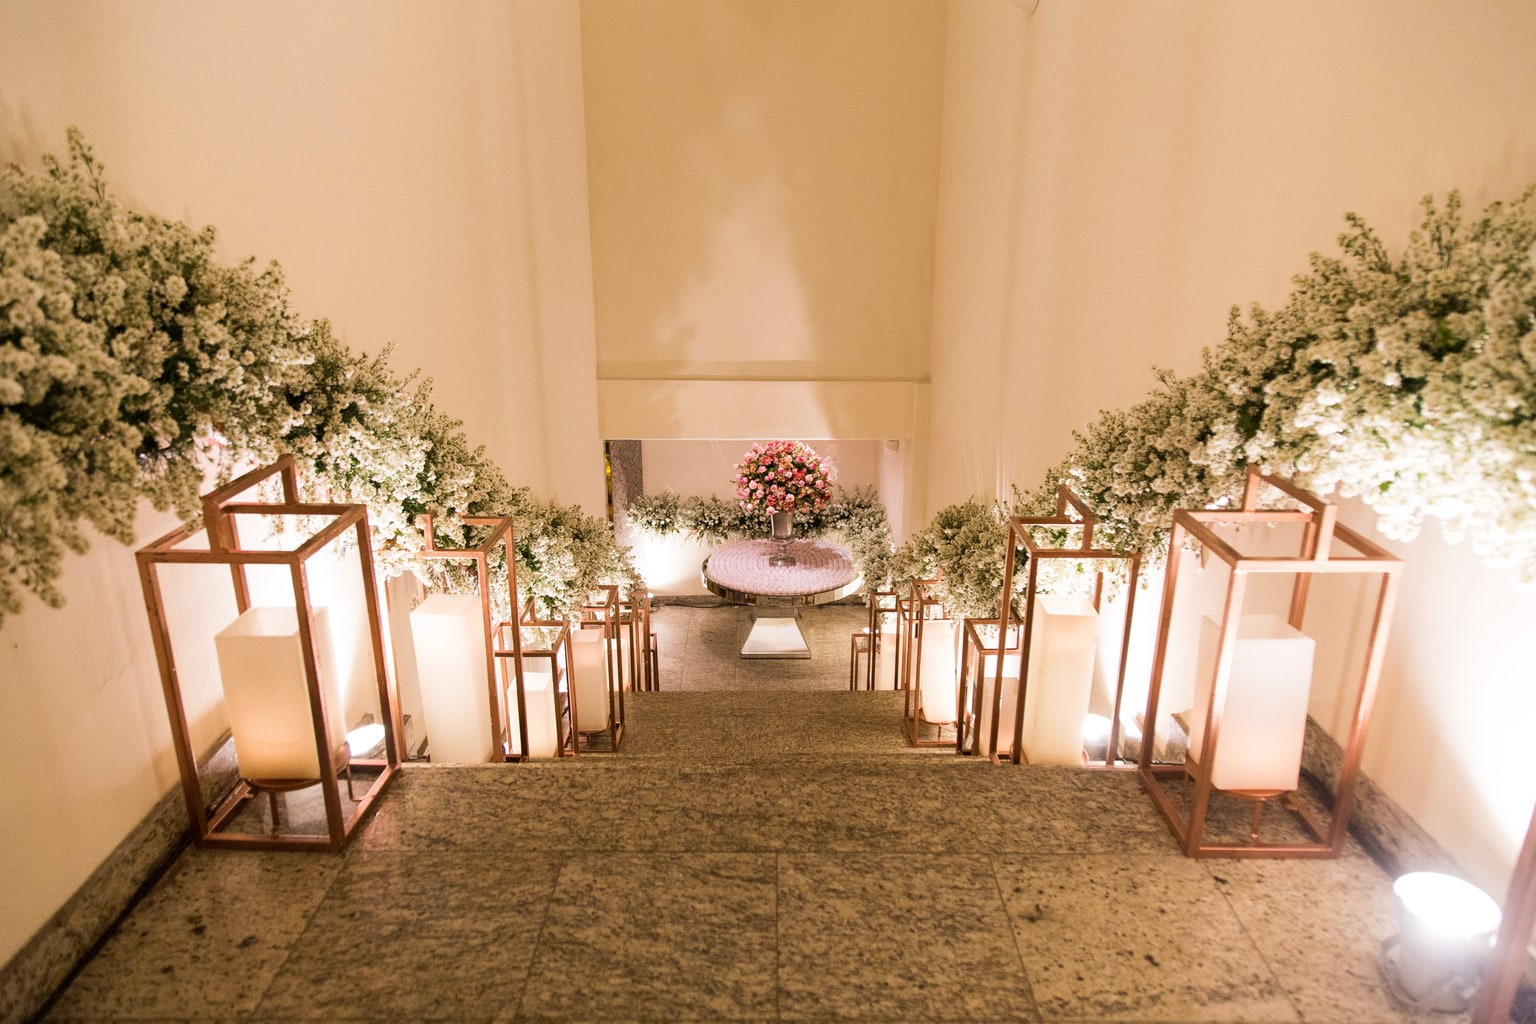 casamento-clássico-casamento-tradicional-rio-de-janeiro-niterói-Fotografia-Giovani-Garcia-casamento-Cássia-e-Daniel-14-1